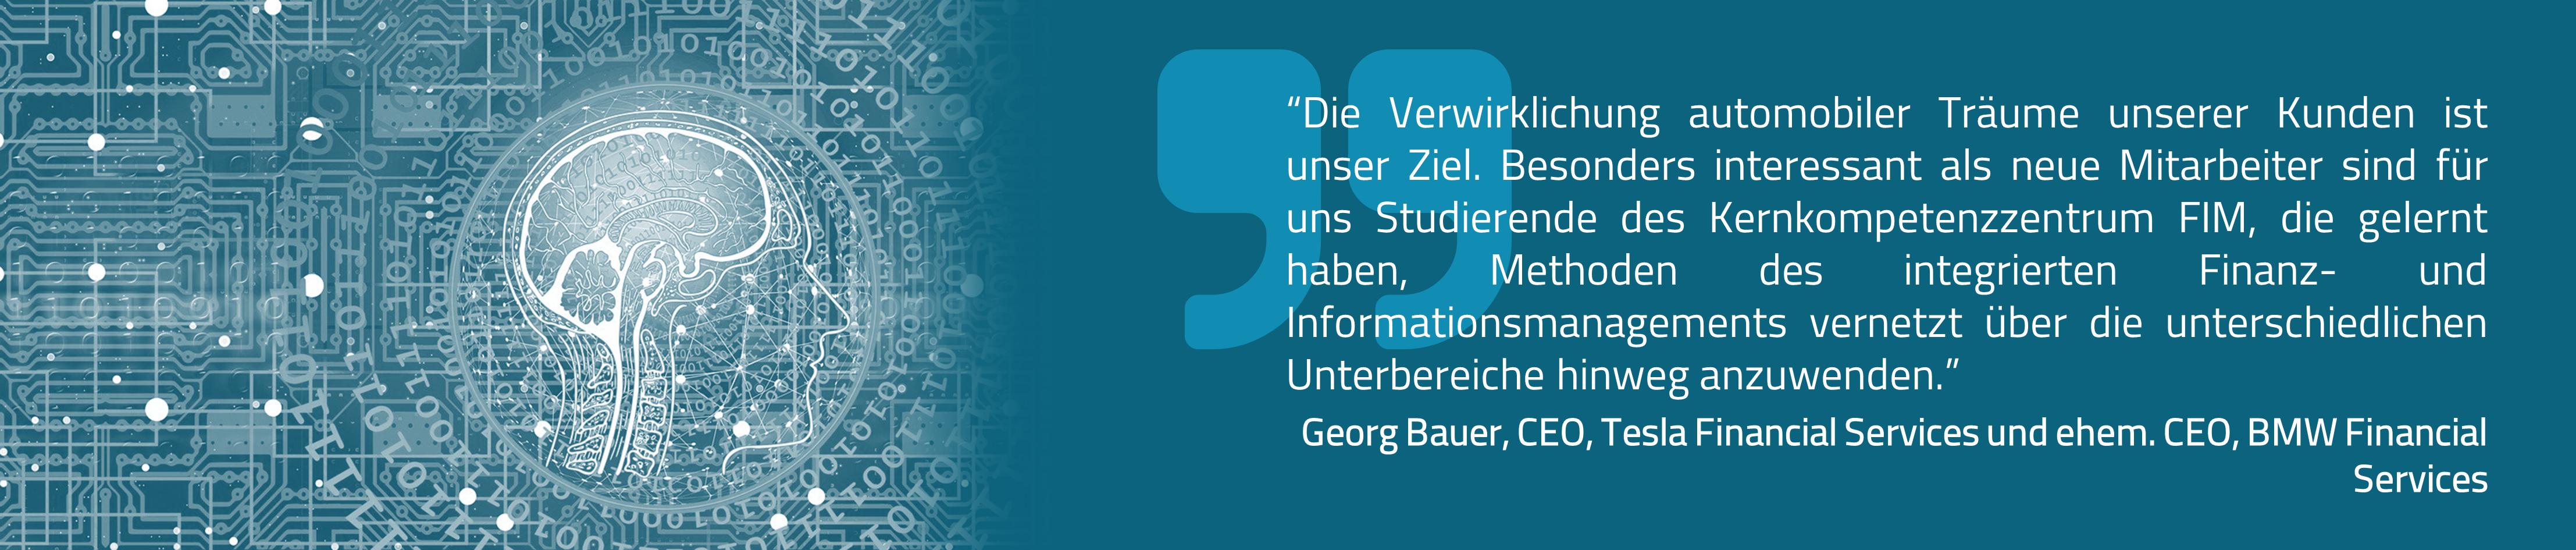 Lehre_Slider (4)